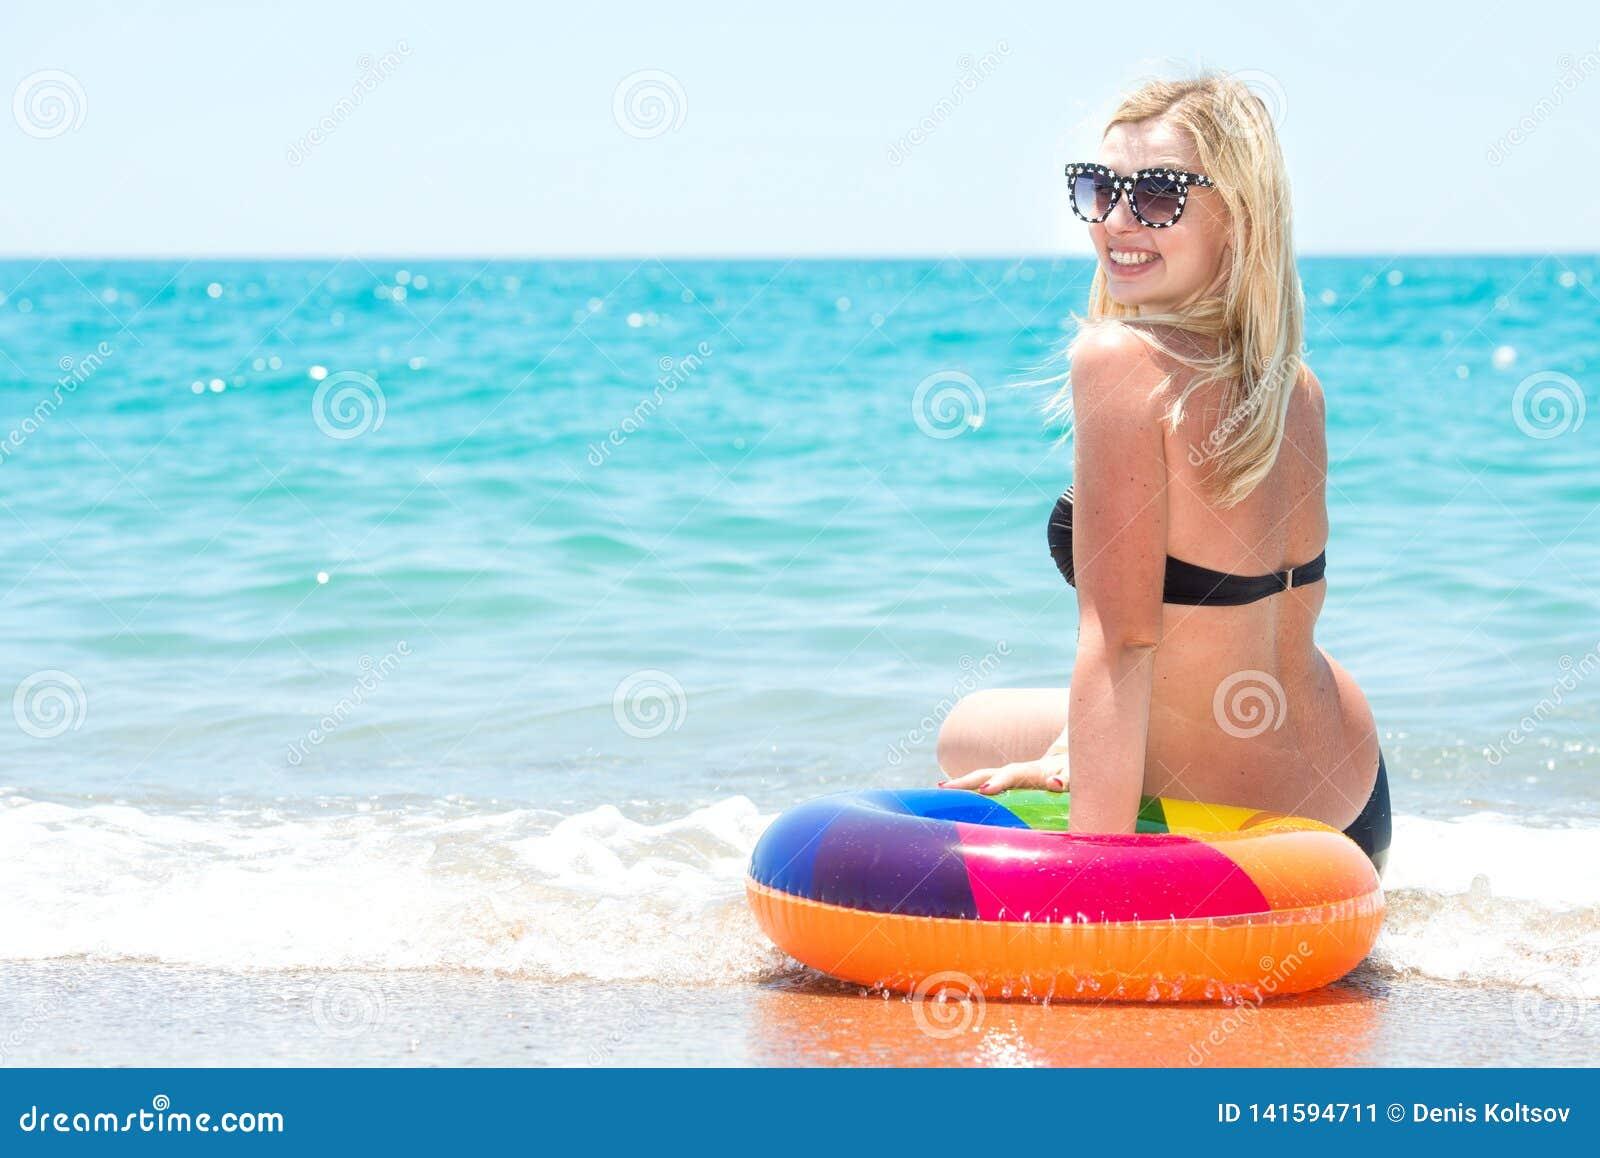 Beautiful woman in bikini with inflatable circle sitting on the beach.